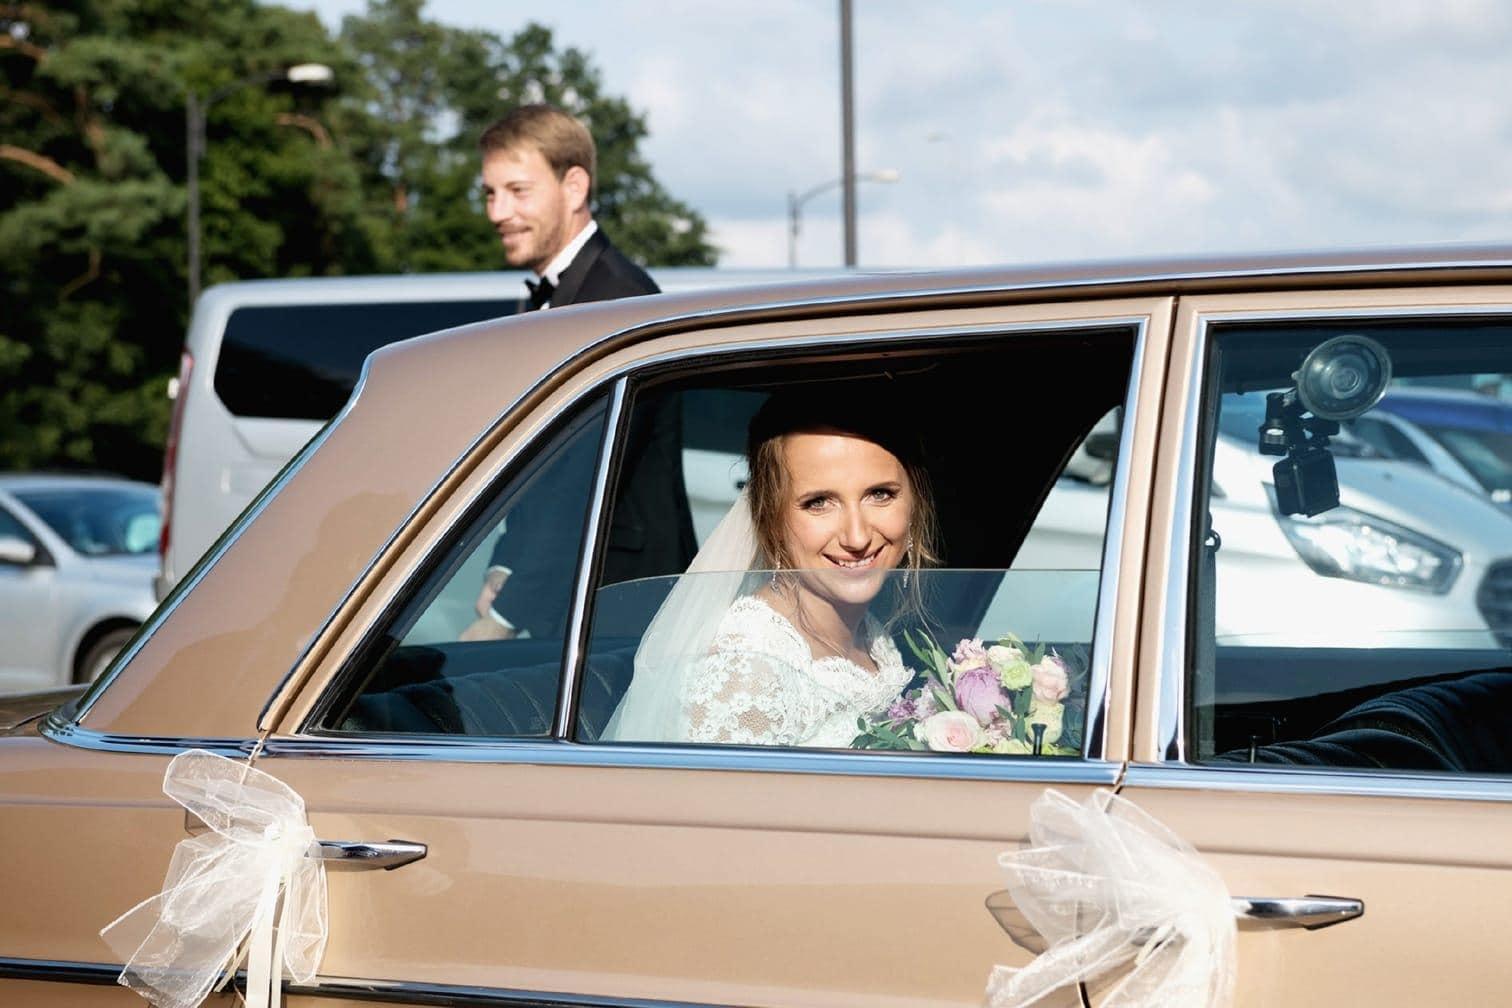 <p>Nach der Trauung warteten Familie und Freunde vor der Kirche auf das frisch vermählte Paar.</p> Foto: MG RTL D / flashed by micky